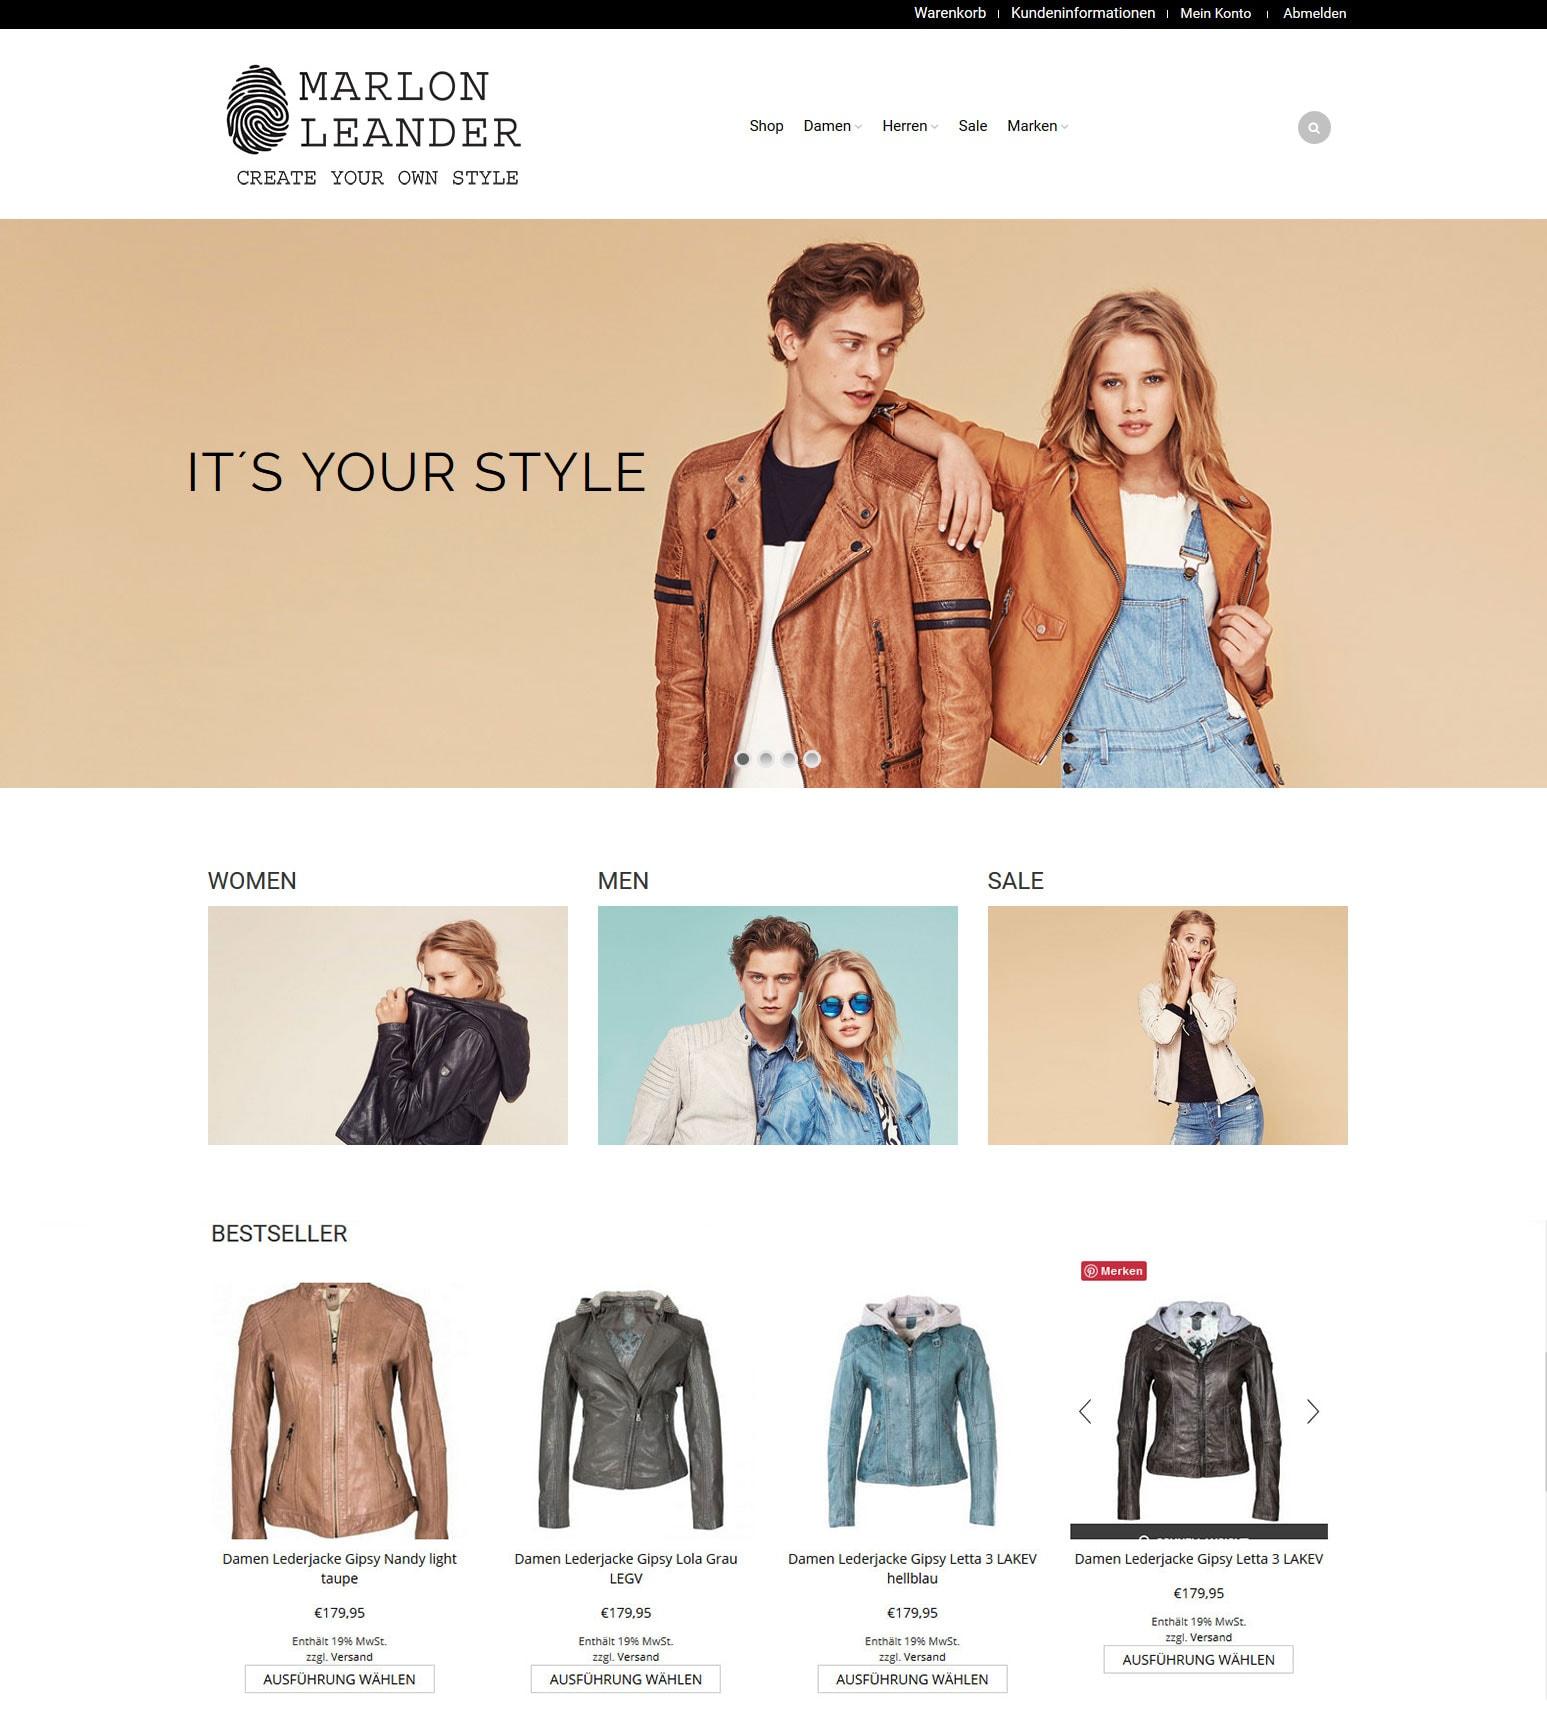 Marlon Leander Leatherware - create your own style - coole Lederjacken für Damen und Herren